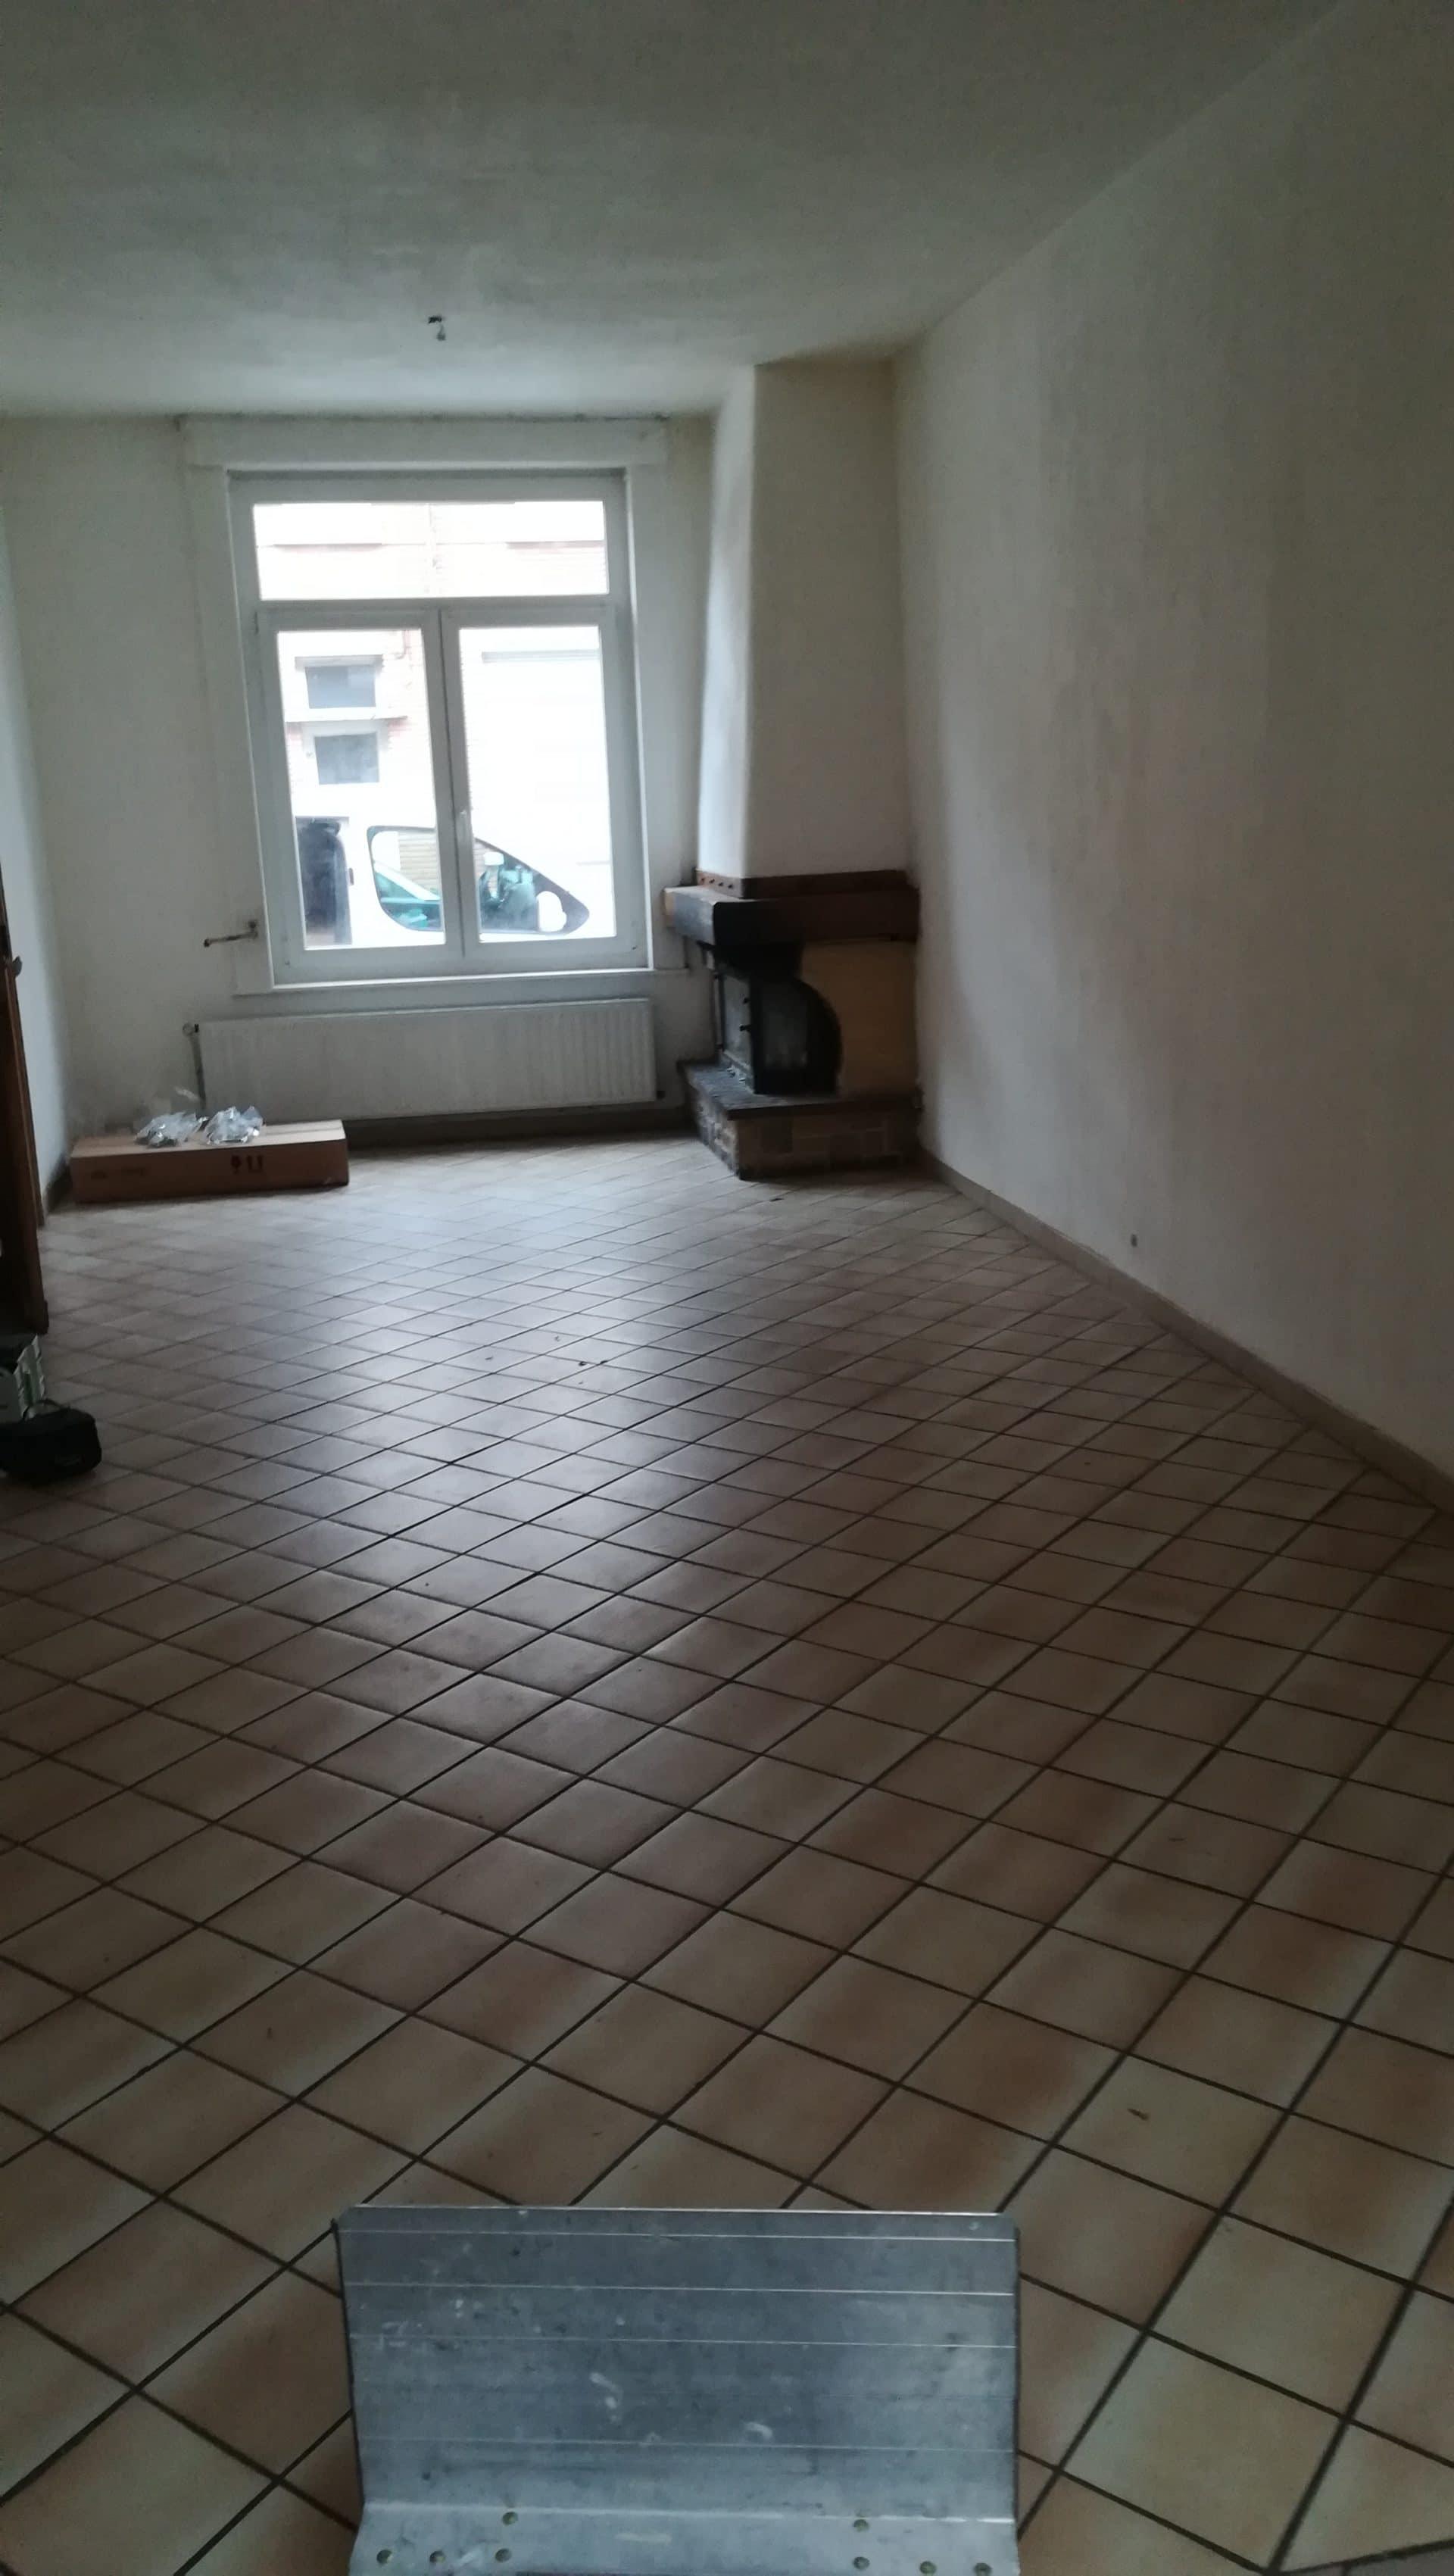 Rénovation intérieure d'une maison à Lille (59)